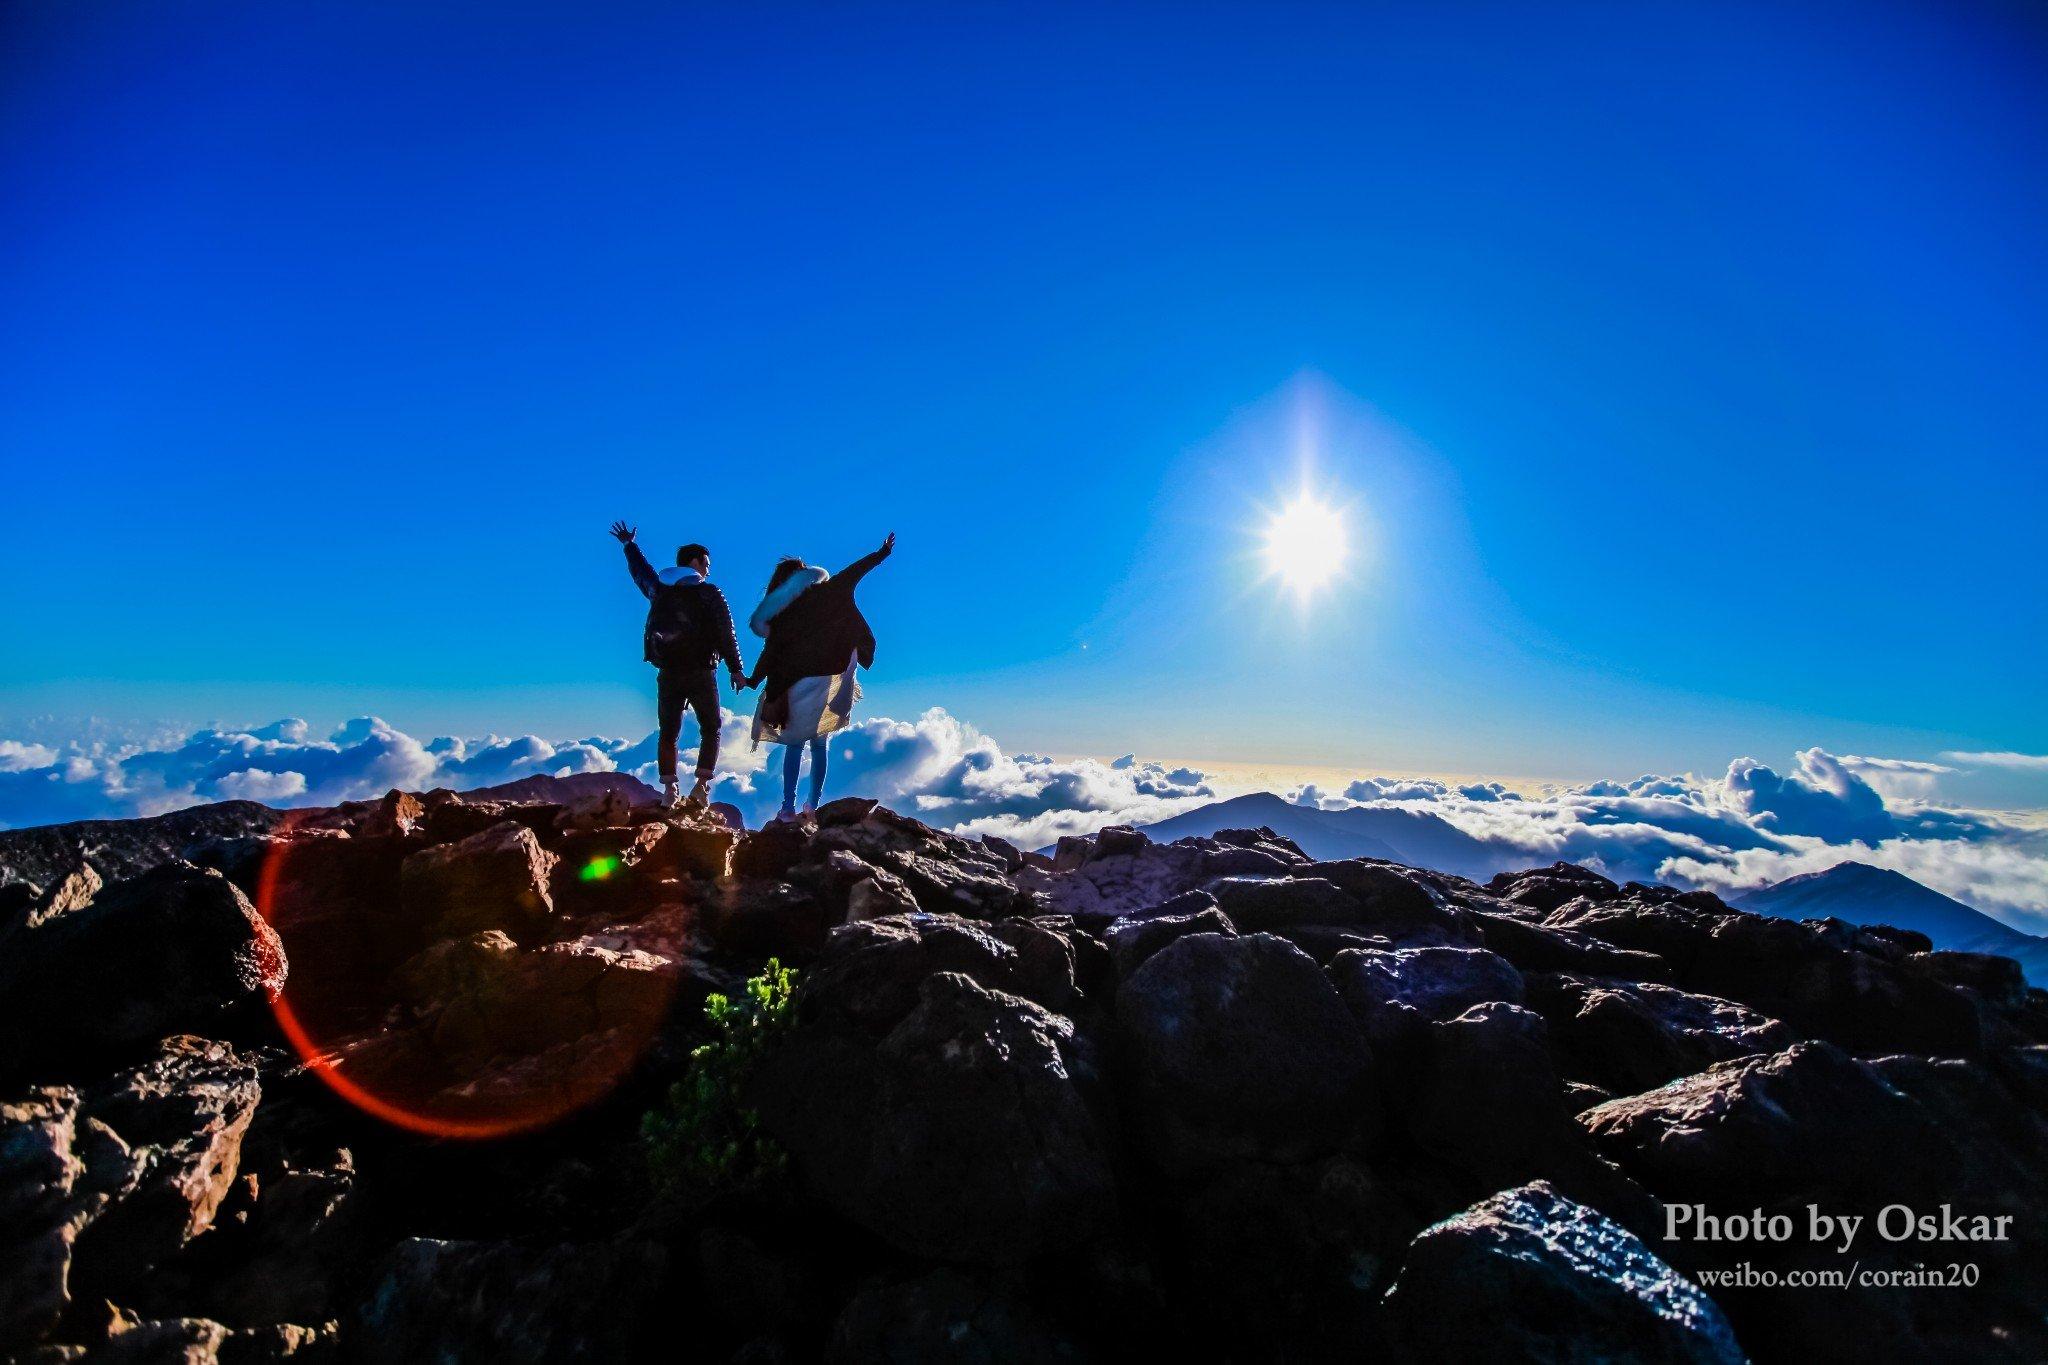 ALOHA~ 从地心到云端,夏威夷自驾探险之旅